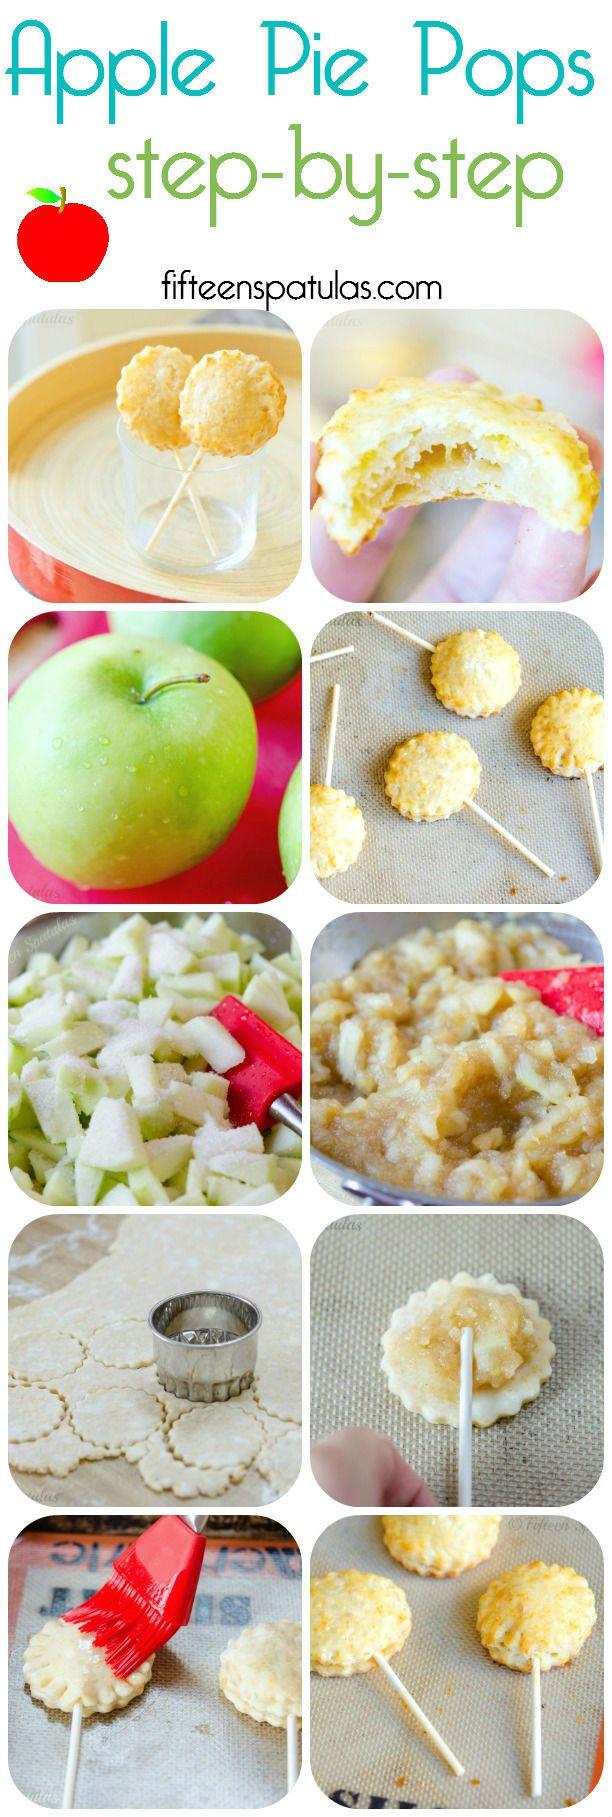 best baking pies cobblers u crumbles images on pinterest